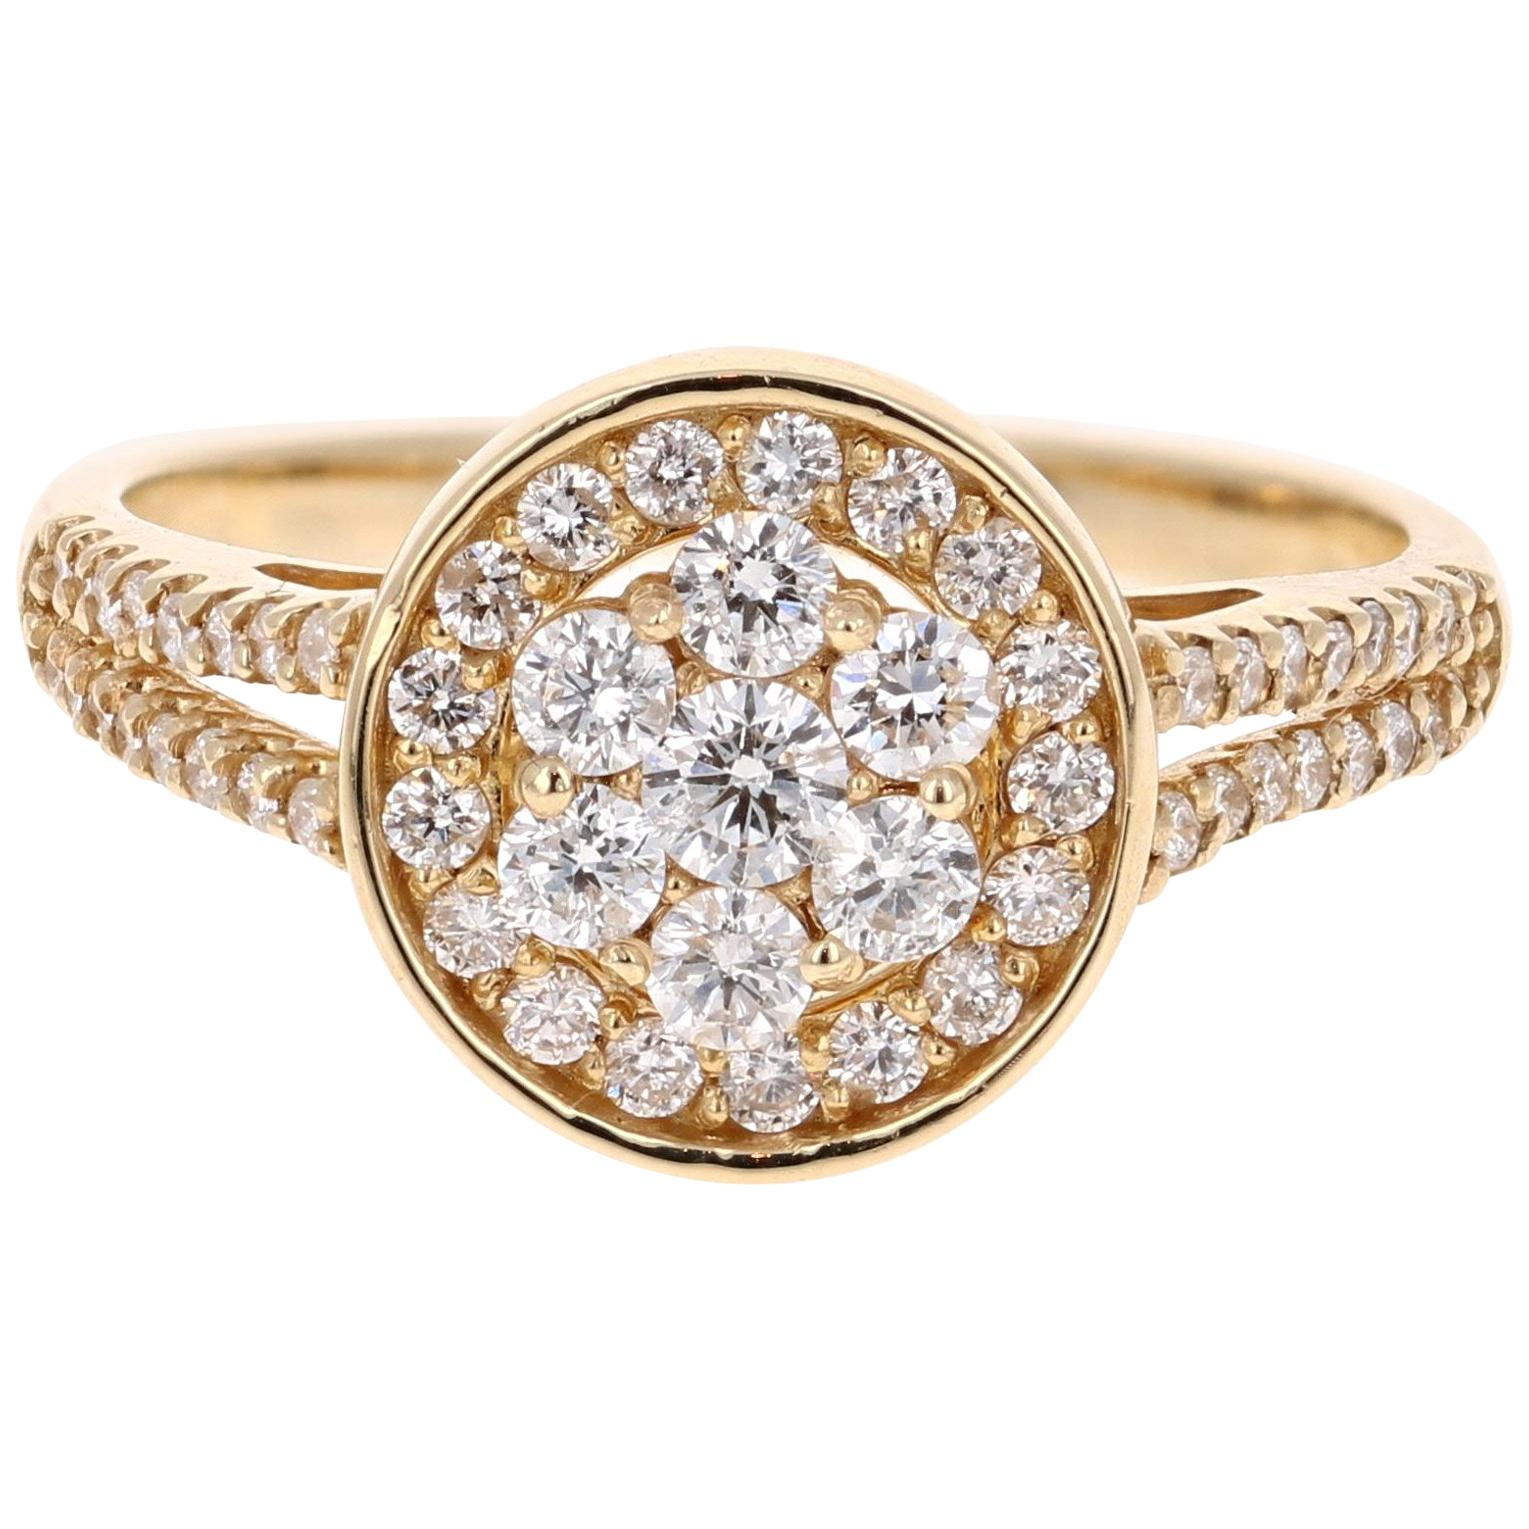 0.68 Carat Diamond 14 Karat Yellow Gold Ring